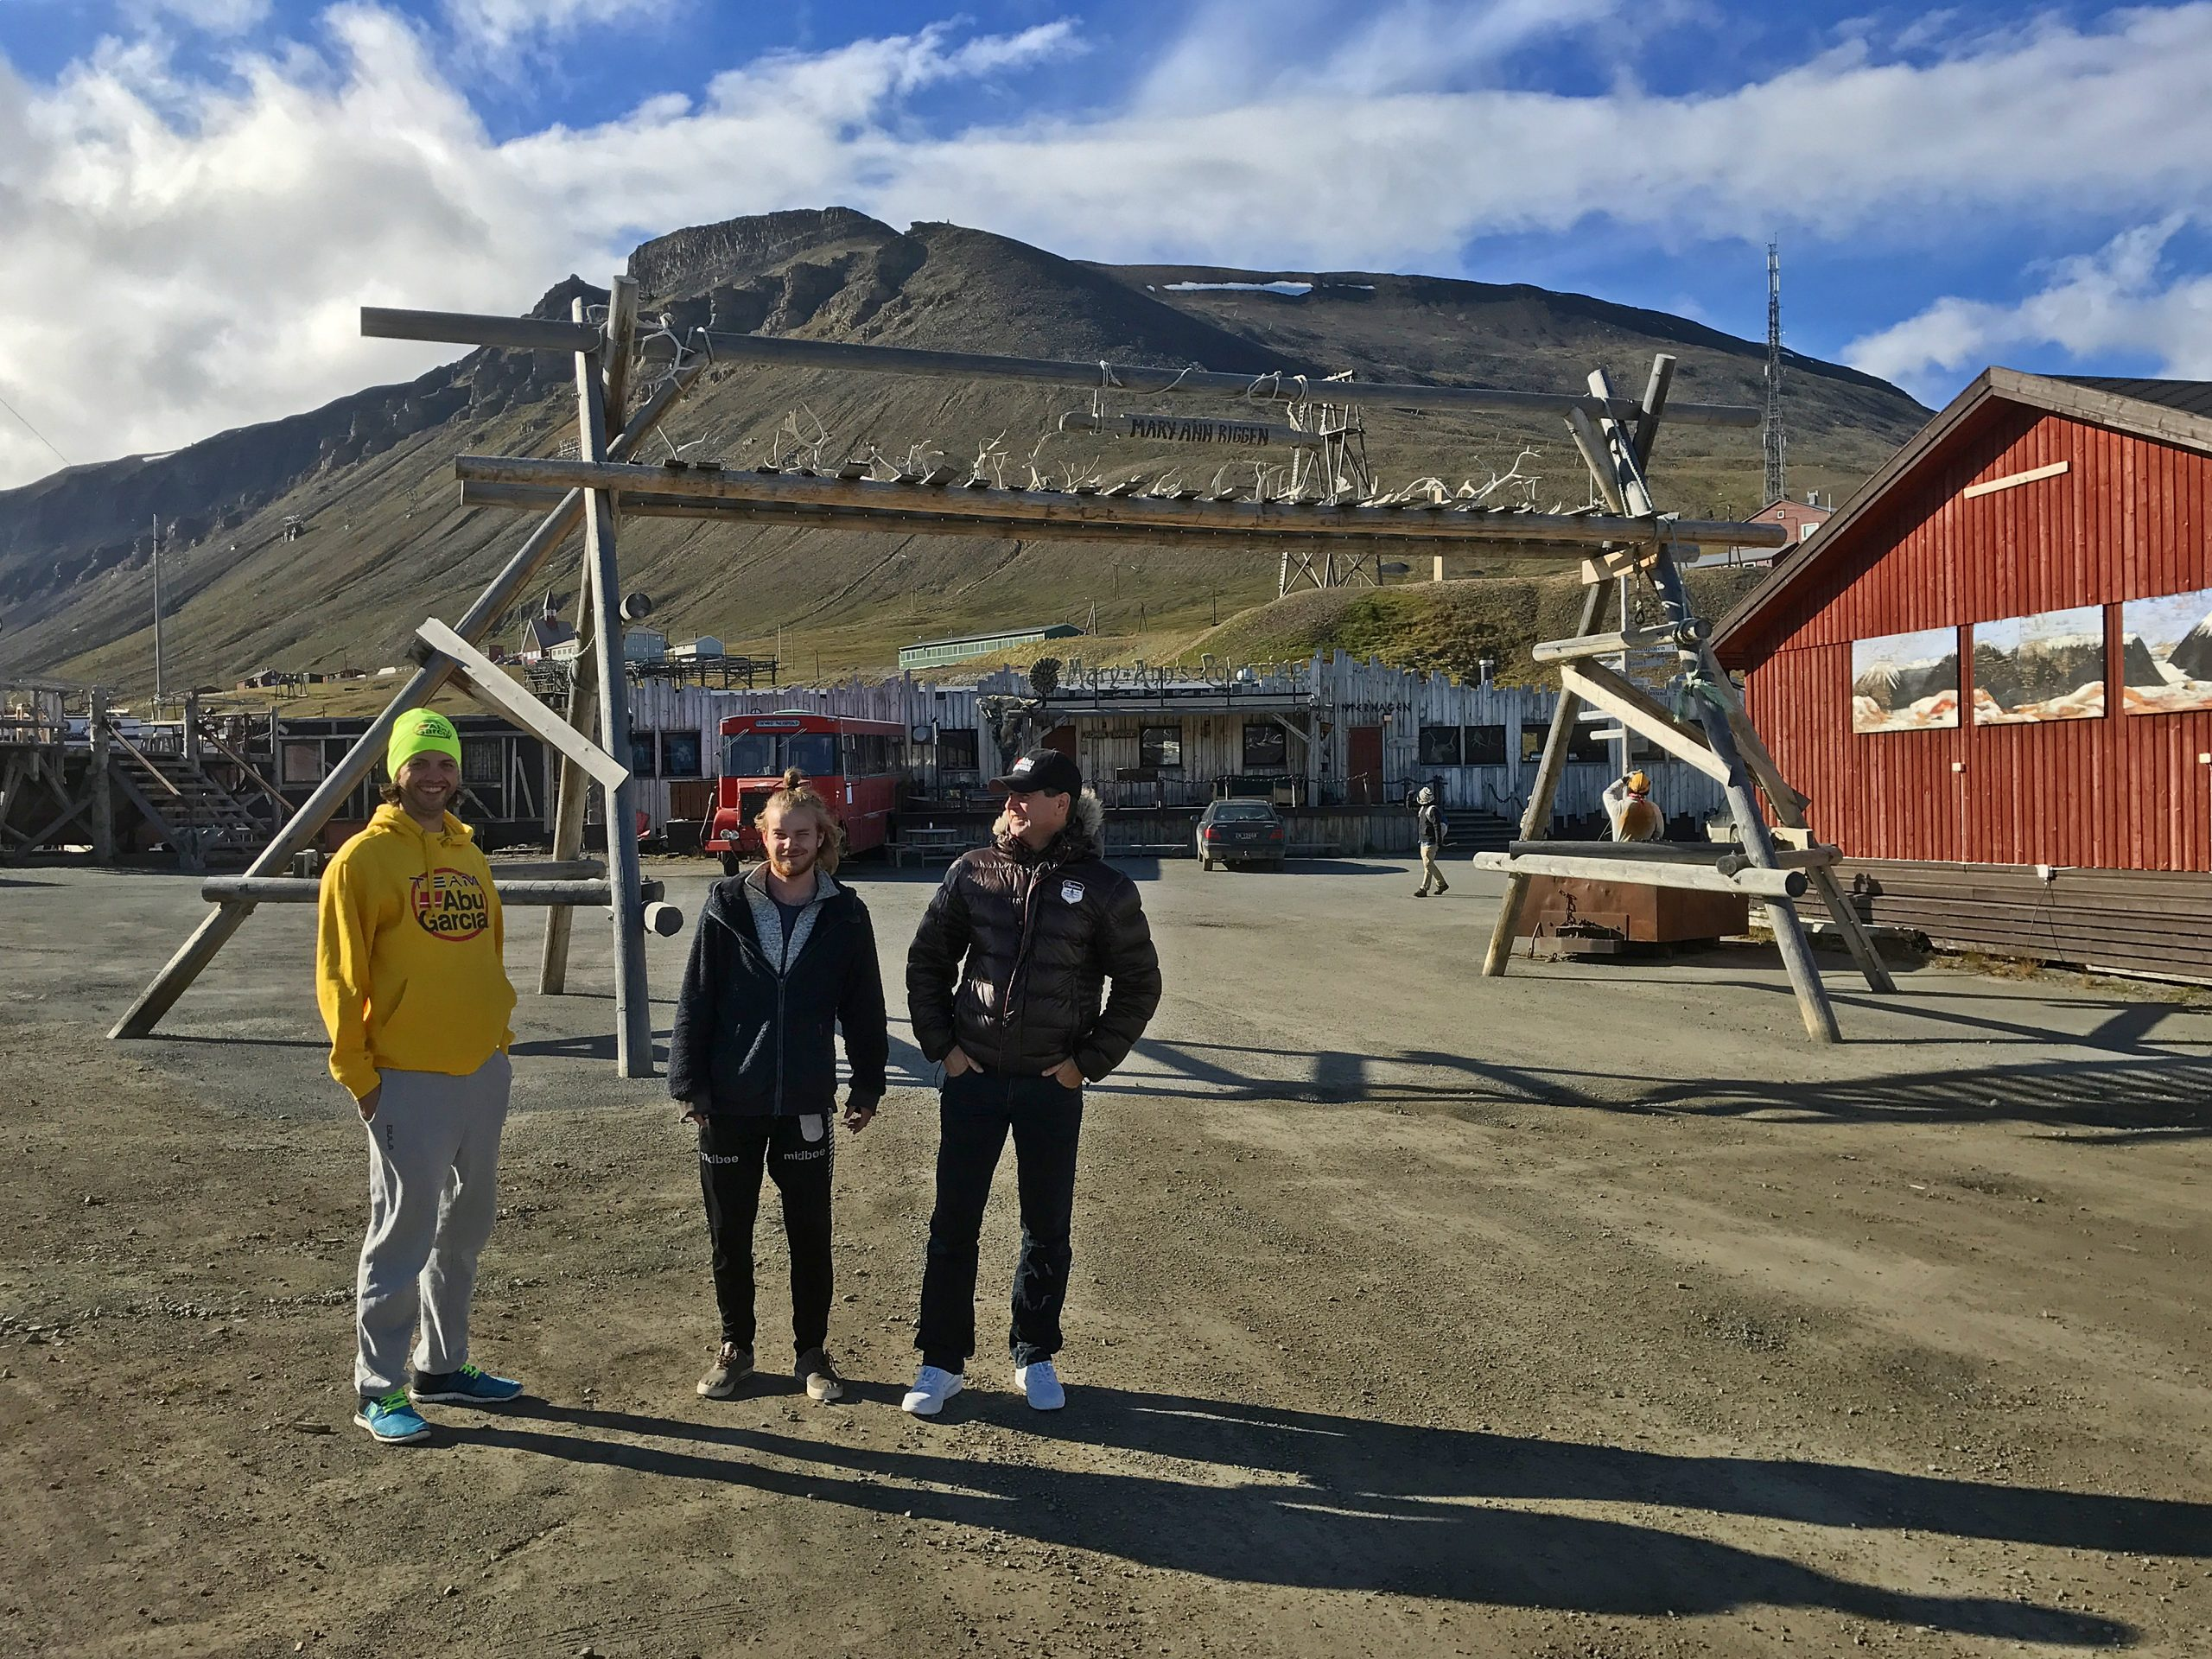 Mary-Anns Polarrigg ligger fint til i Longyearbyen